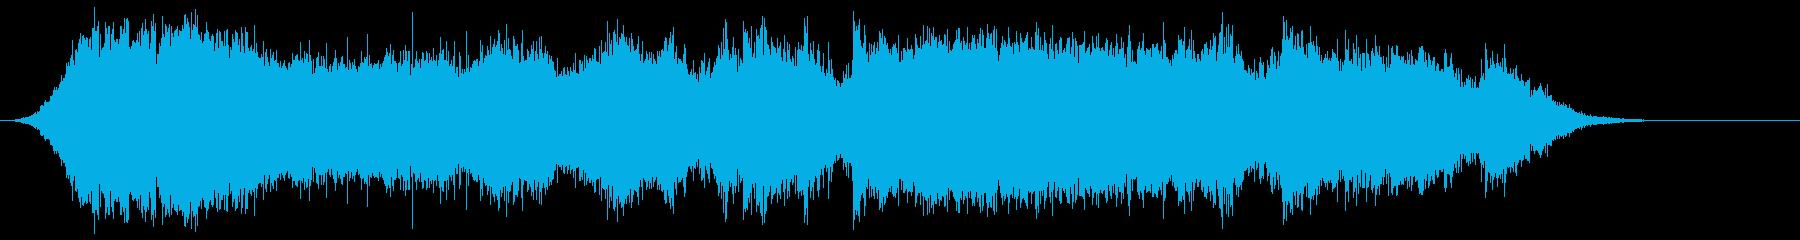 ピカポルテドアの再生済みの波形